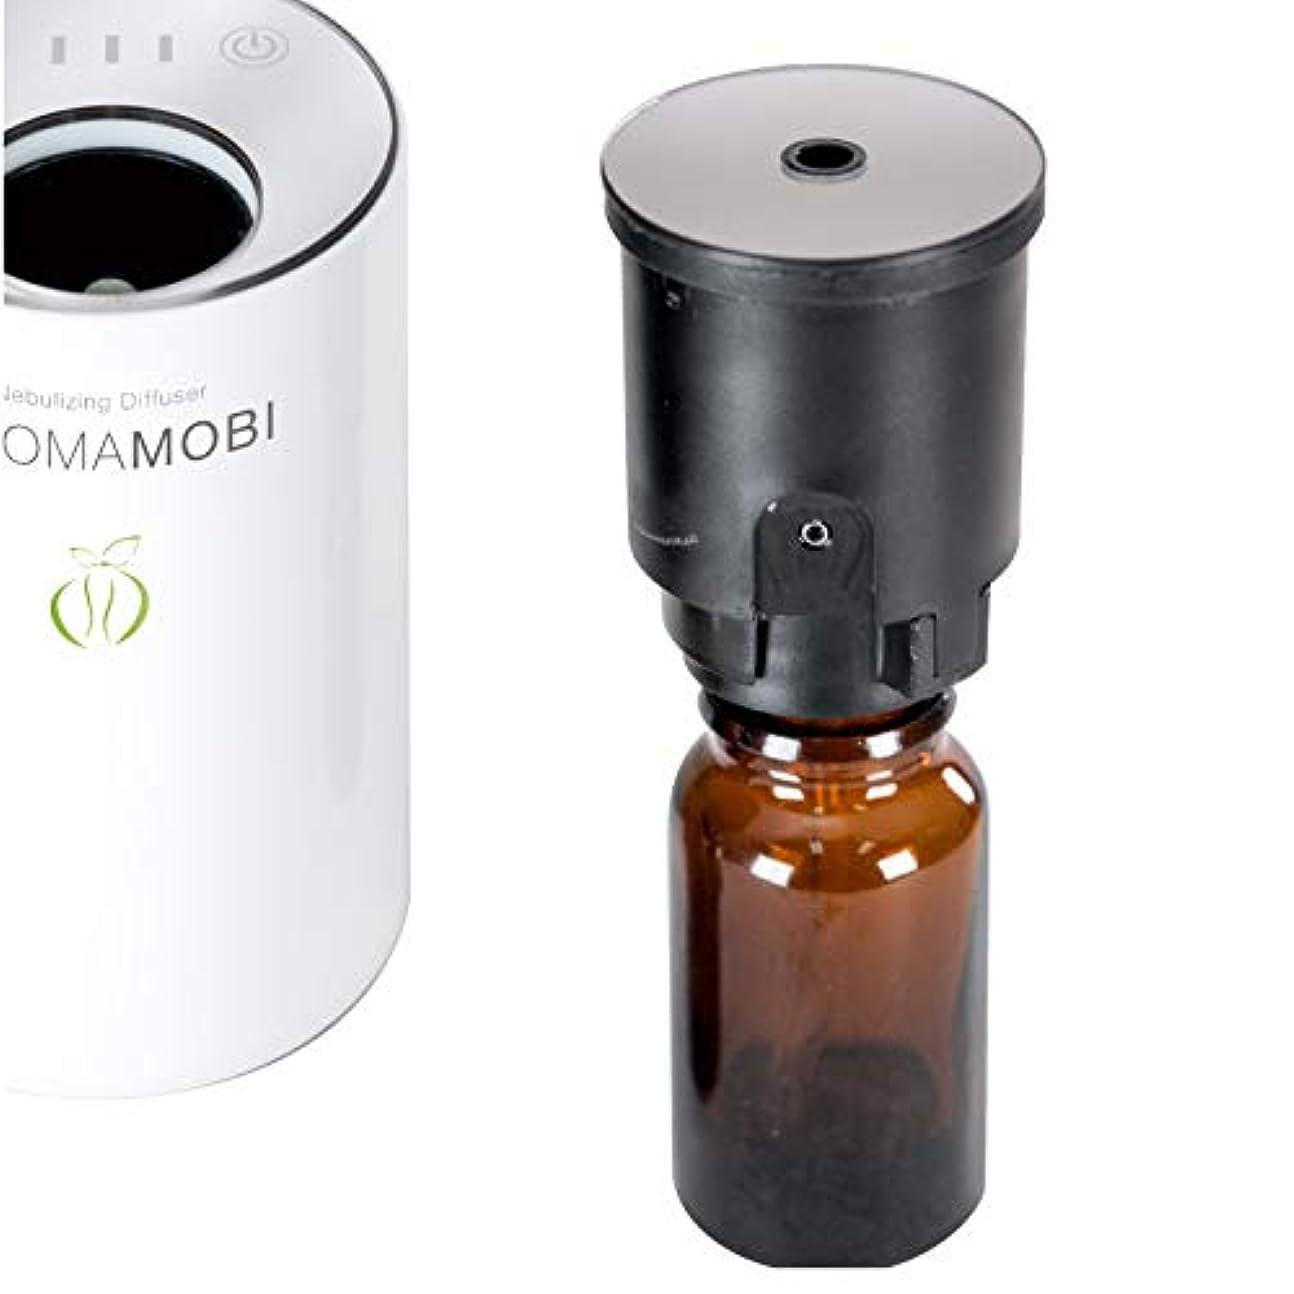 浮く傷つける冒険funks アロマモビ 専用 交換用 ノズル ボトルセット aromamobi アロマディフューザー